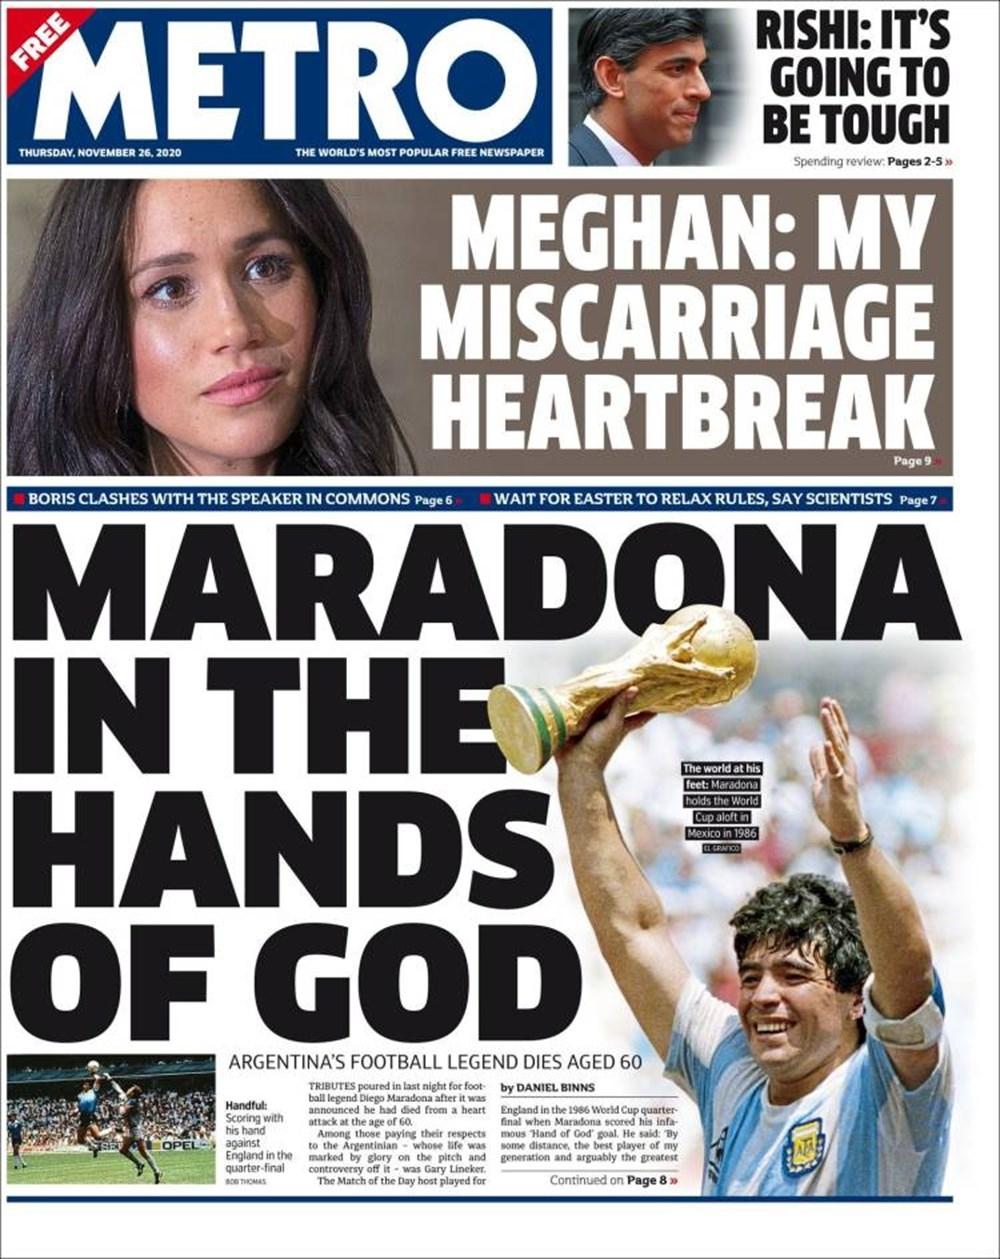 """Dünya Basını: """"Maradona Tanrı'nın Ellerinde"""" 11"""